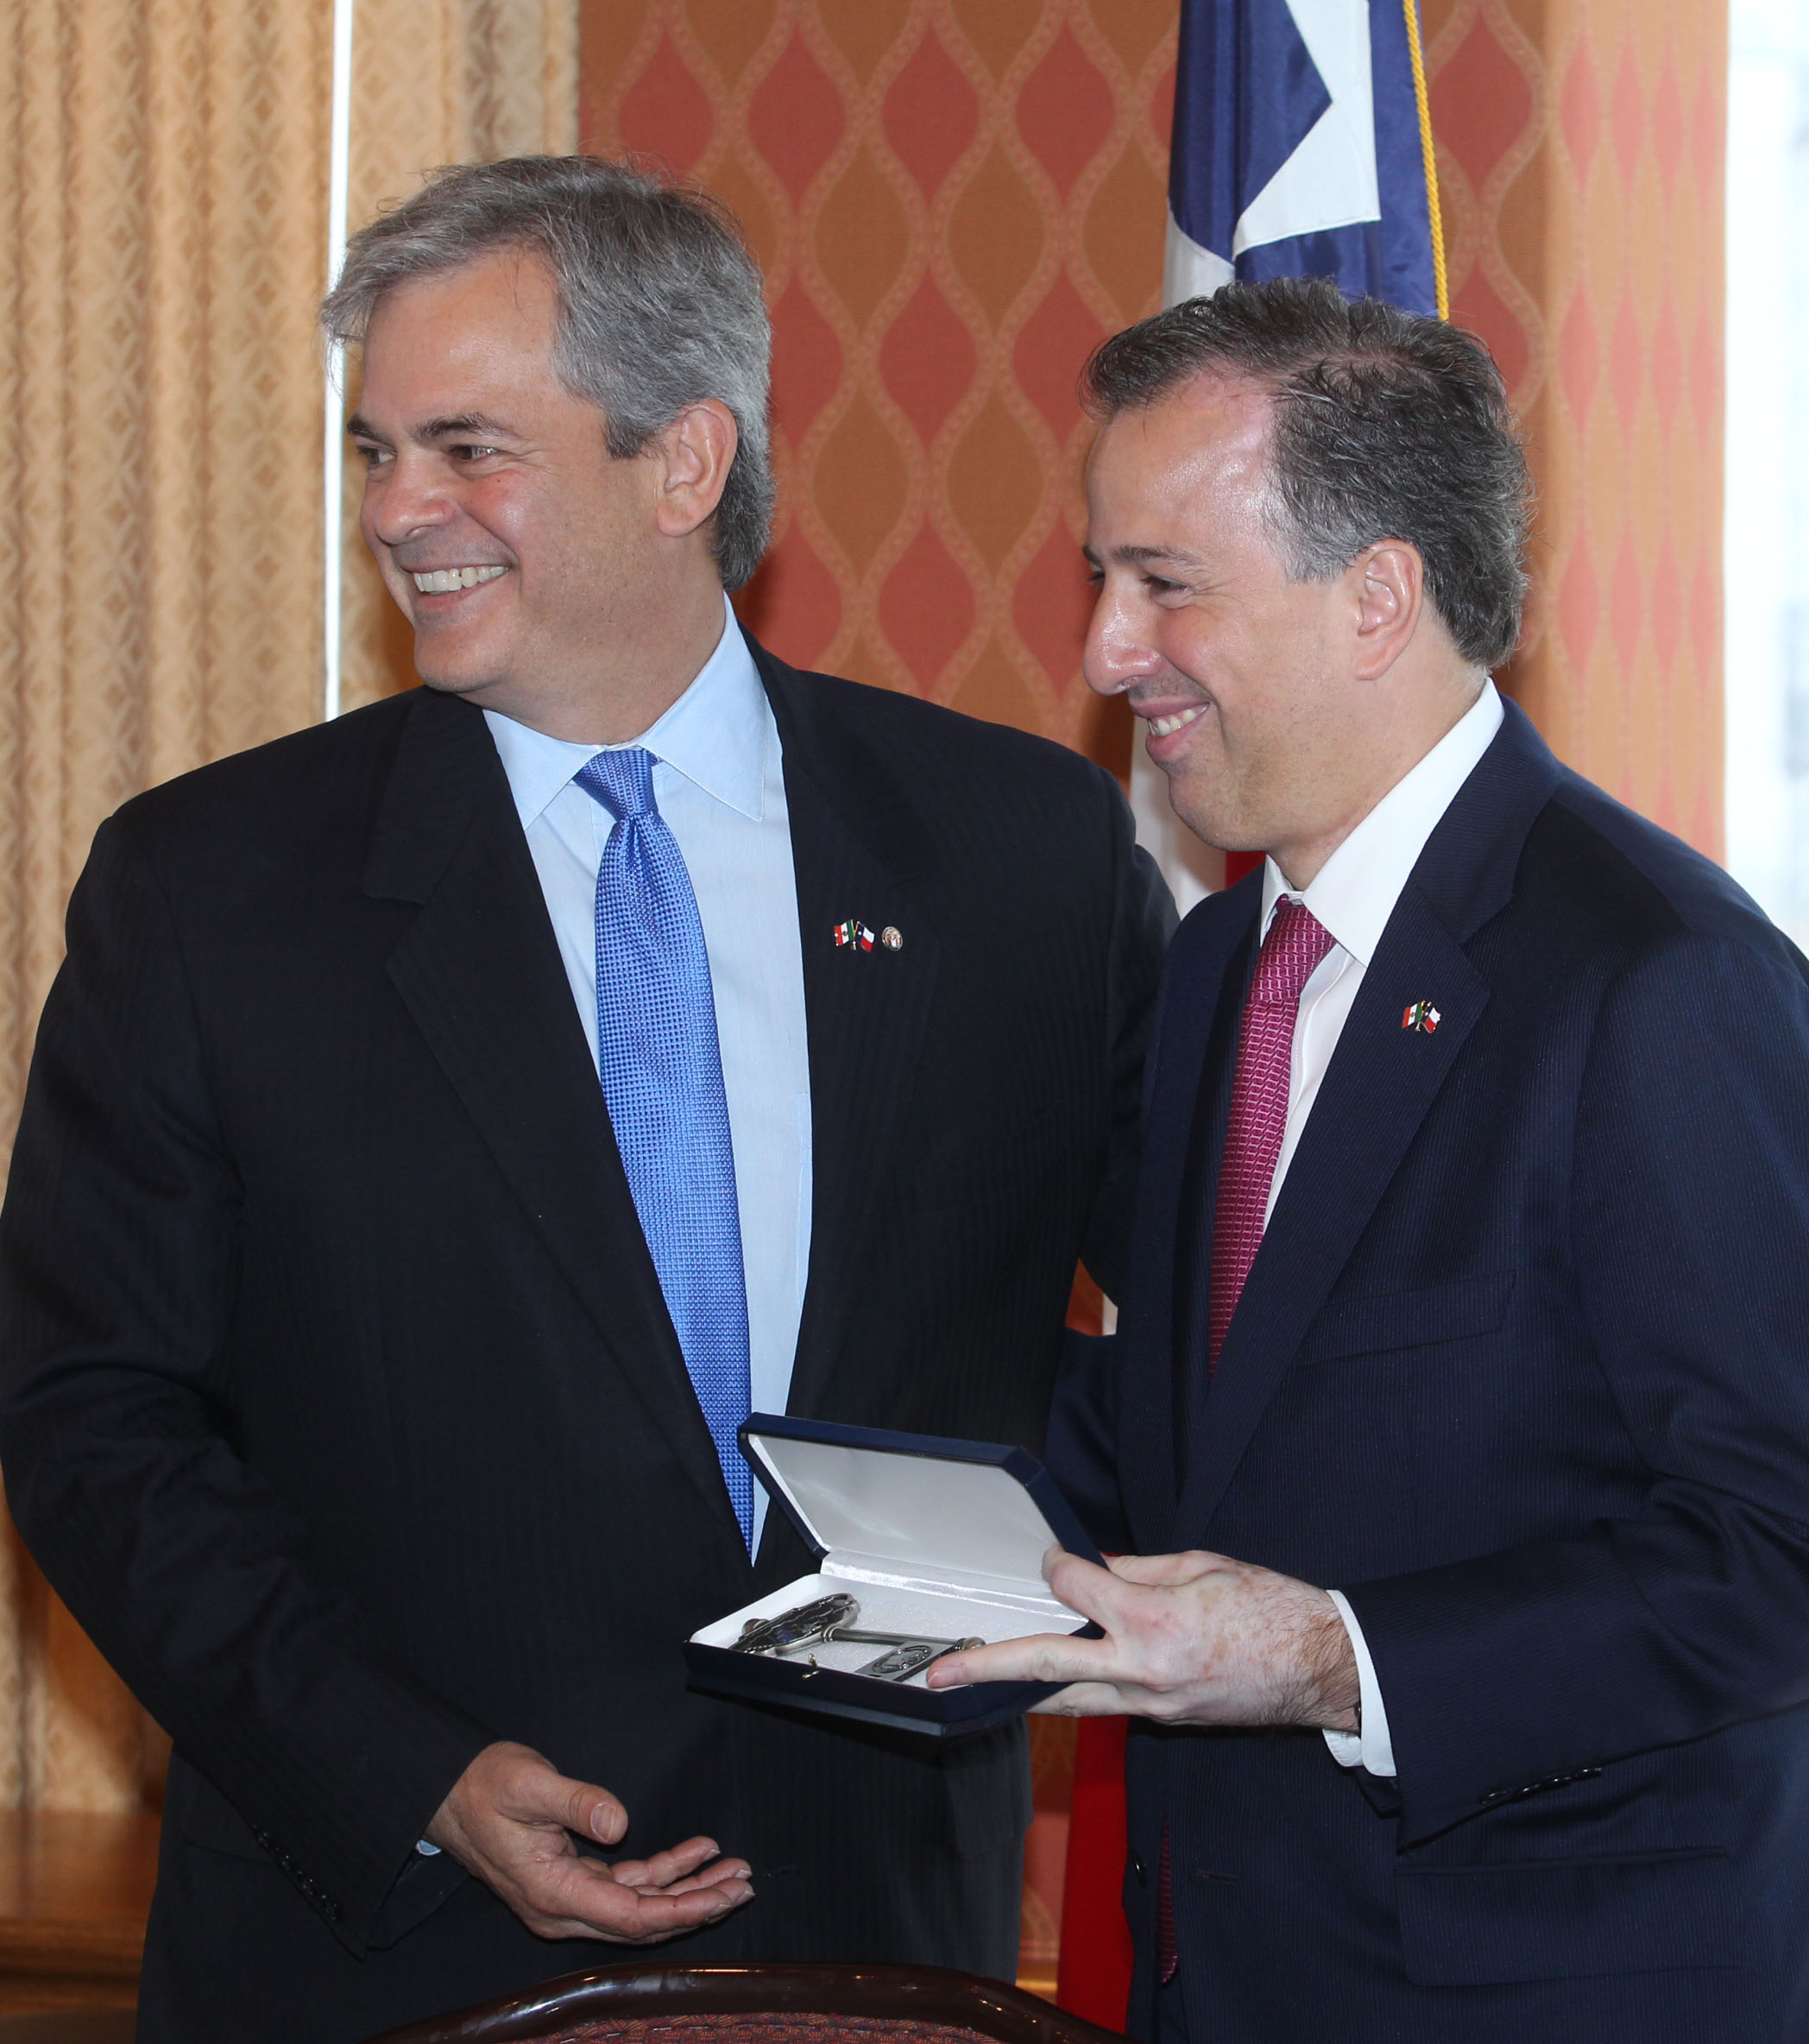 FOTO 3 Canciller Jos  Antonio Meade recibe las llaves de la ciudad de manos del alcalde de Austin  Steve Adler.jpg